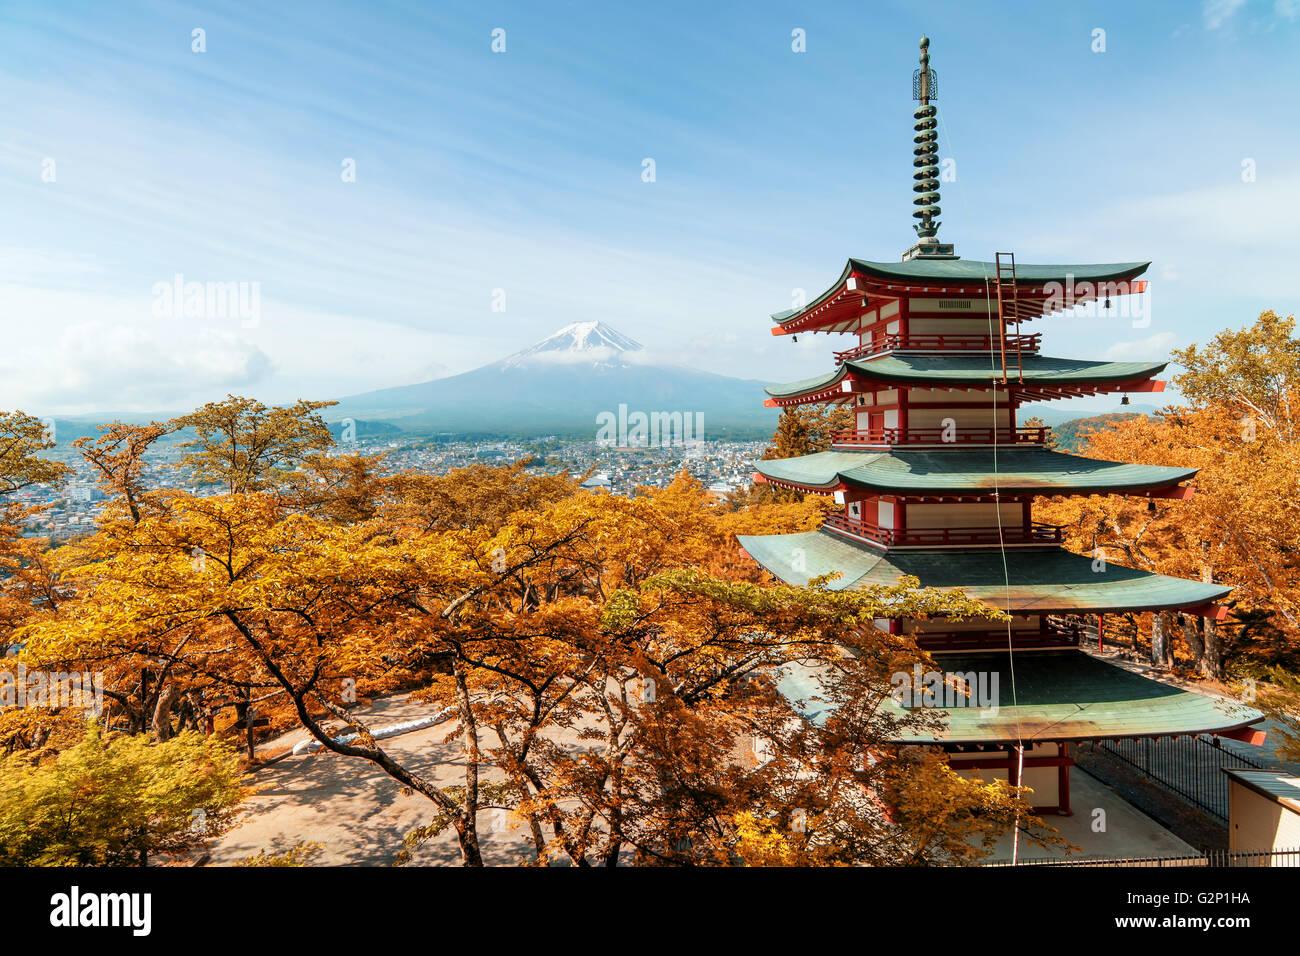 Viaje a Japón - preciosos en otoño en Japón a la pagoda roja con Mt. En el fondo, Fuji en Japón. Imagen De Stock